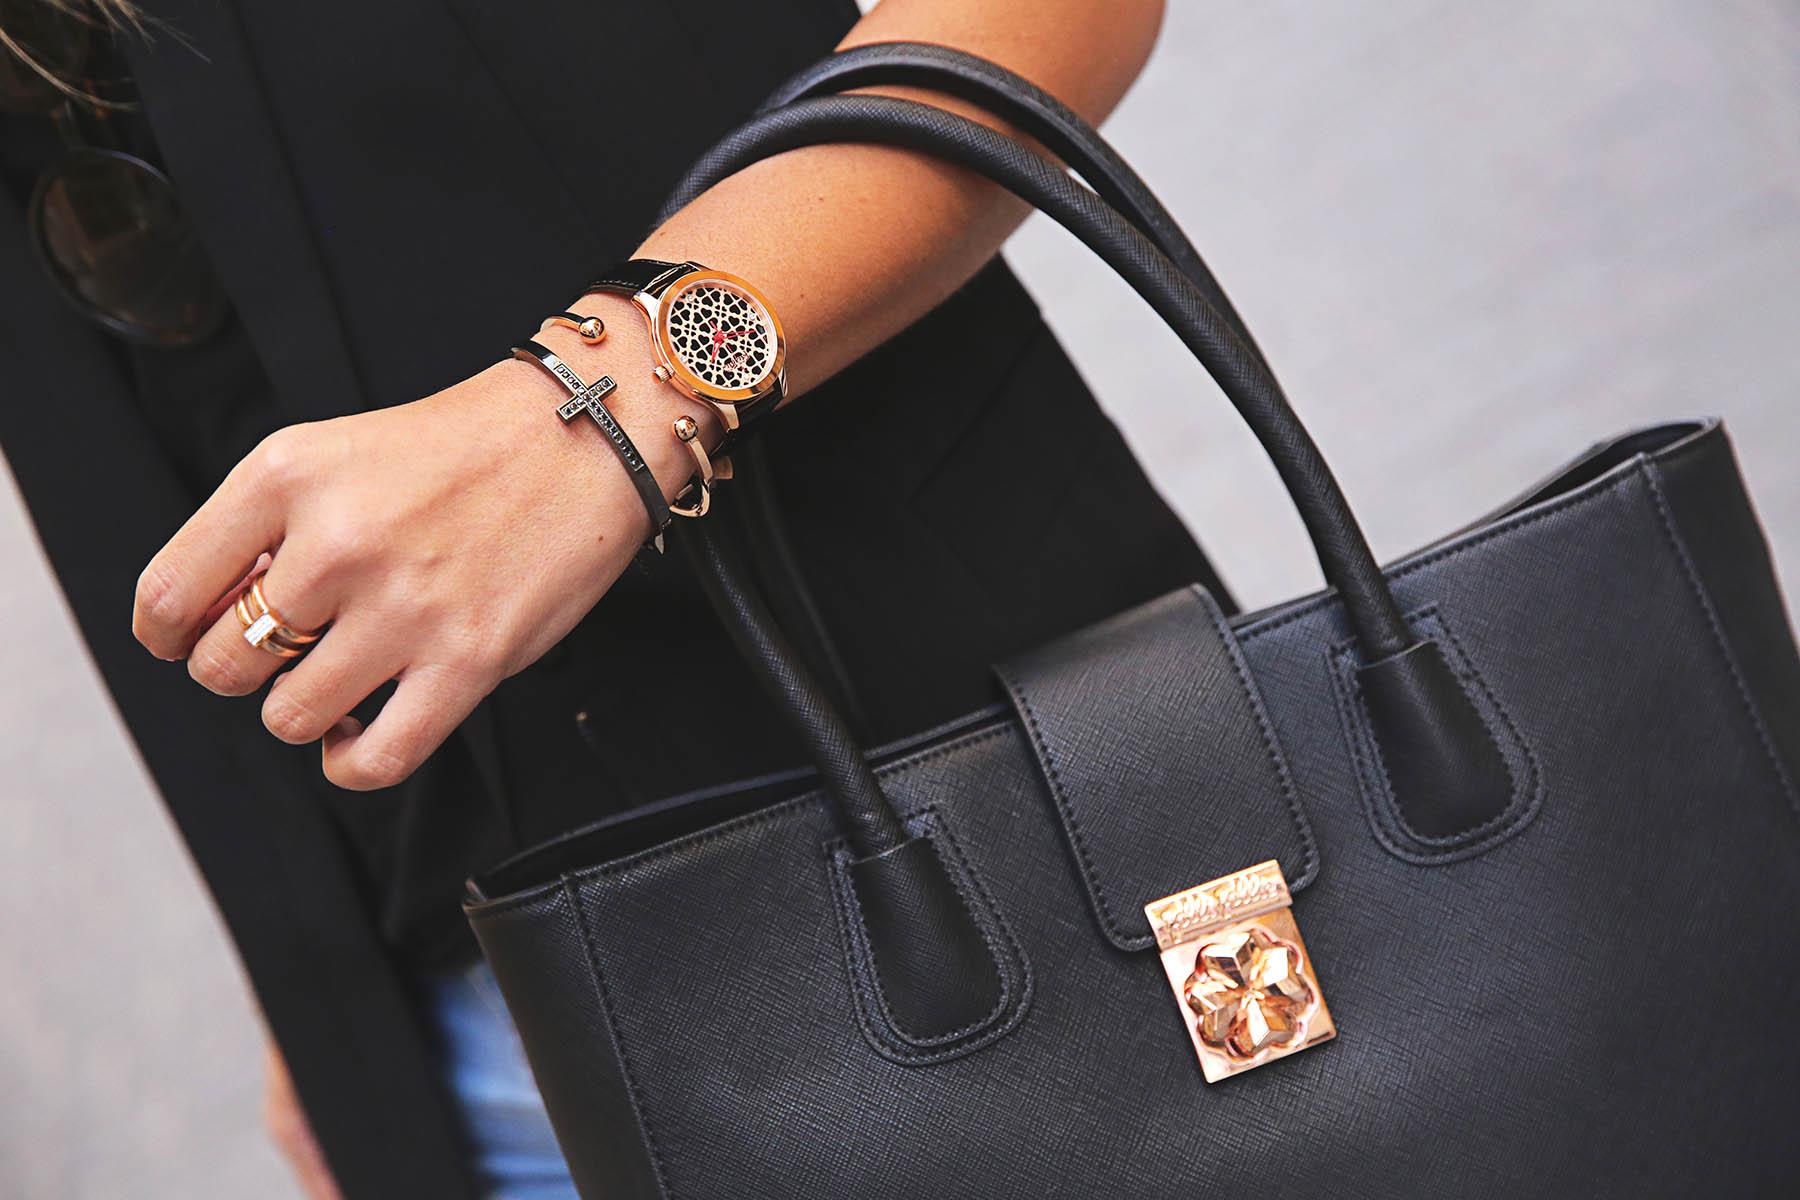 trendy-taste-look-outfit-street-style-ootd-blog-blogger-fashion-spain-moda-españa-leo-print-estiletos-mas34-leather-bag-denim-shorts-vaqueros-rotos-11